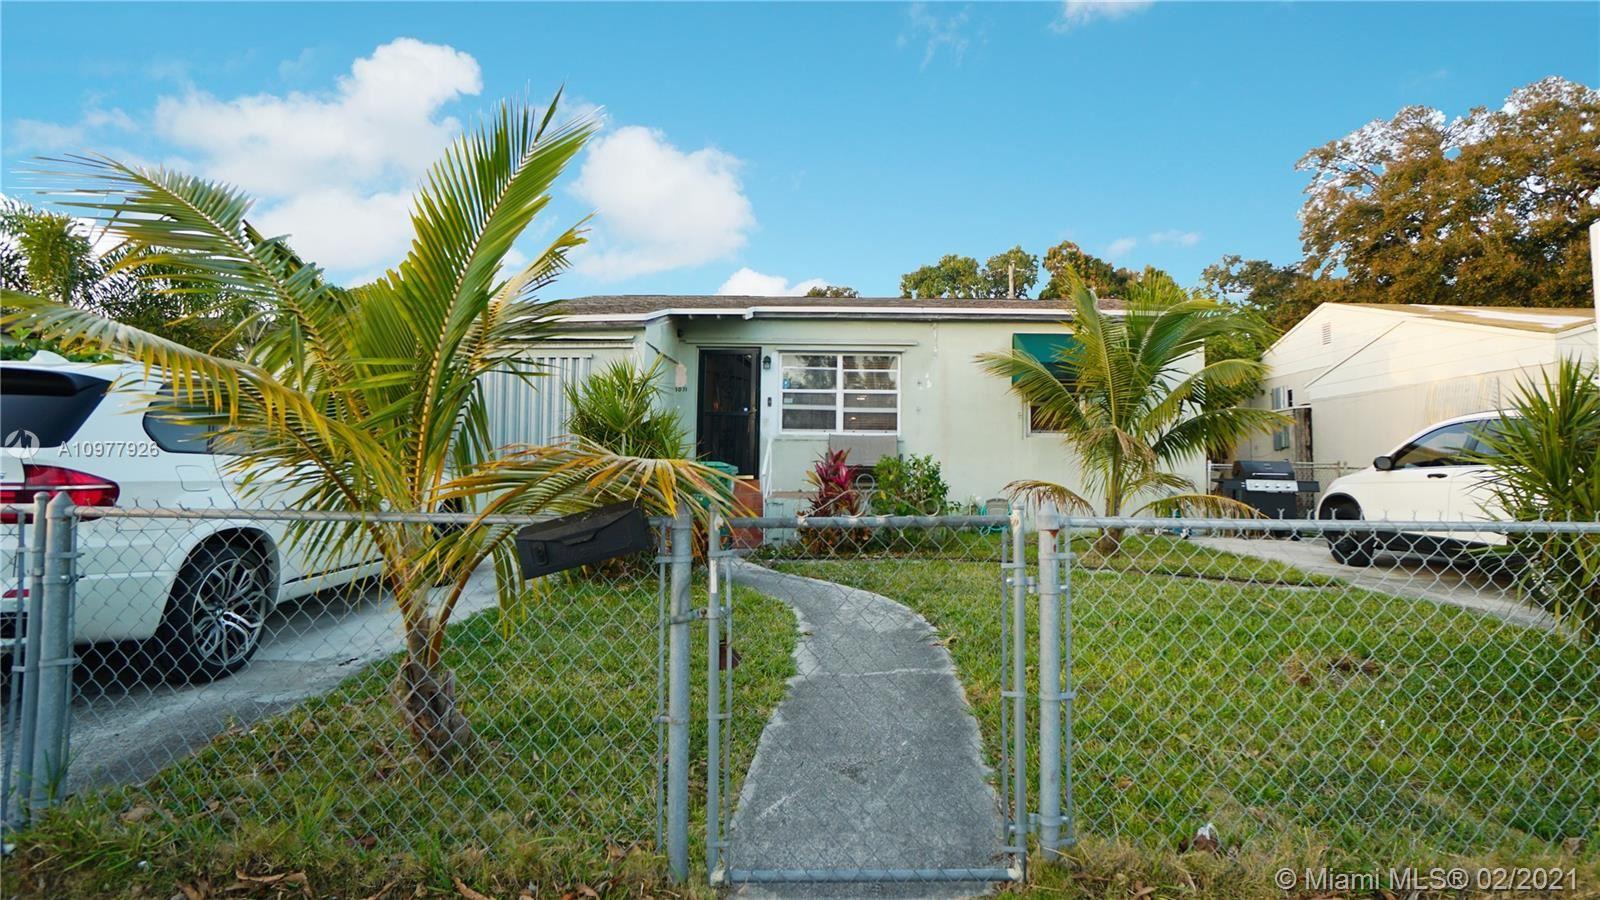 1071 NW 40th St, Miami, FL 33127 - #: A10977926